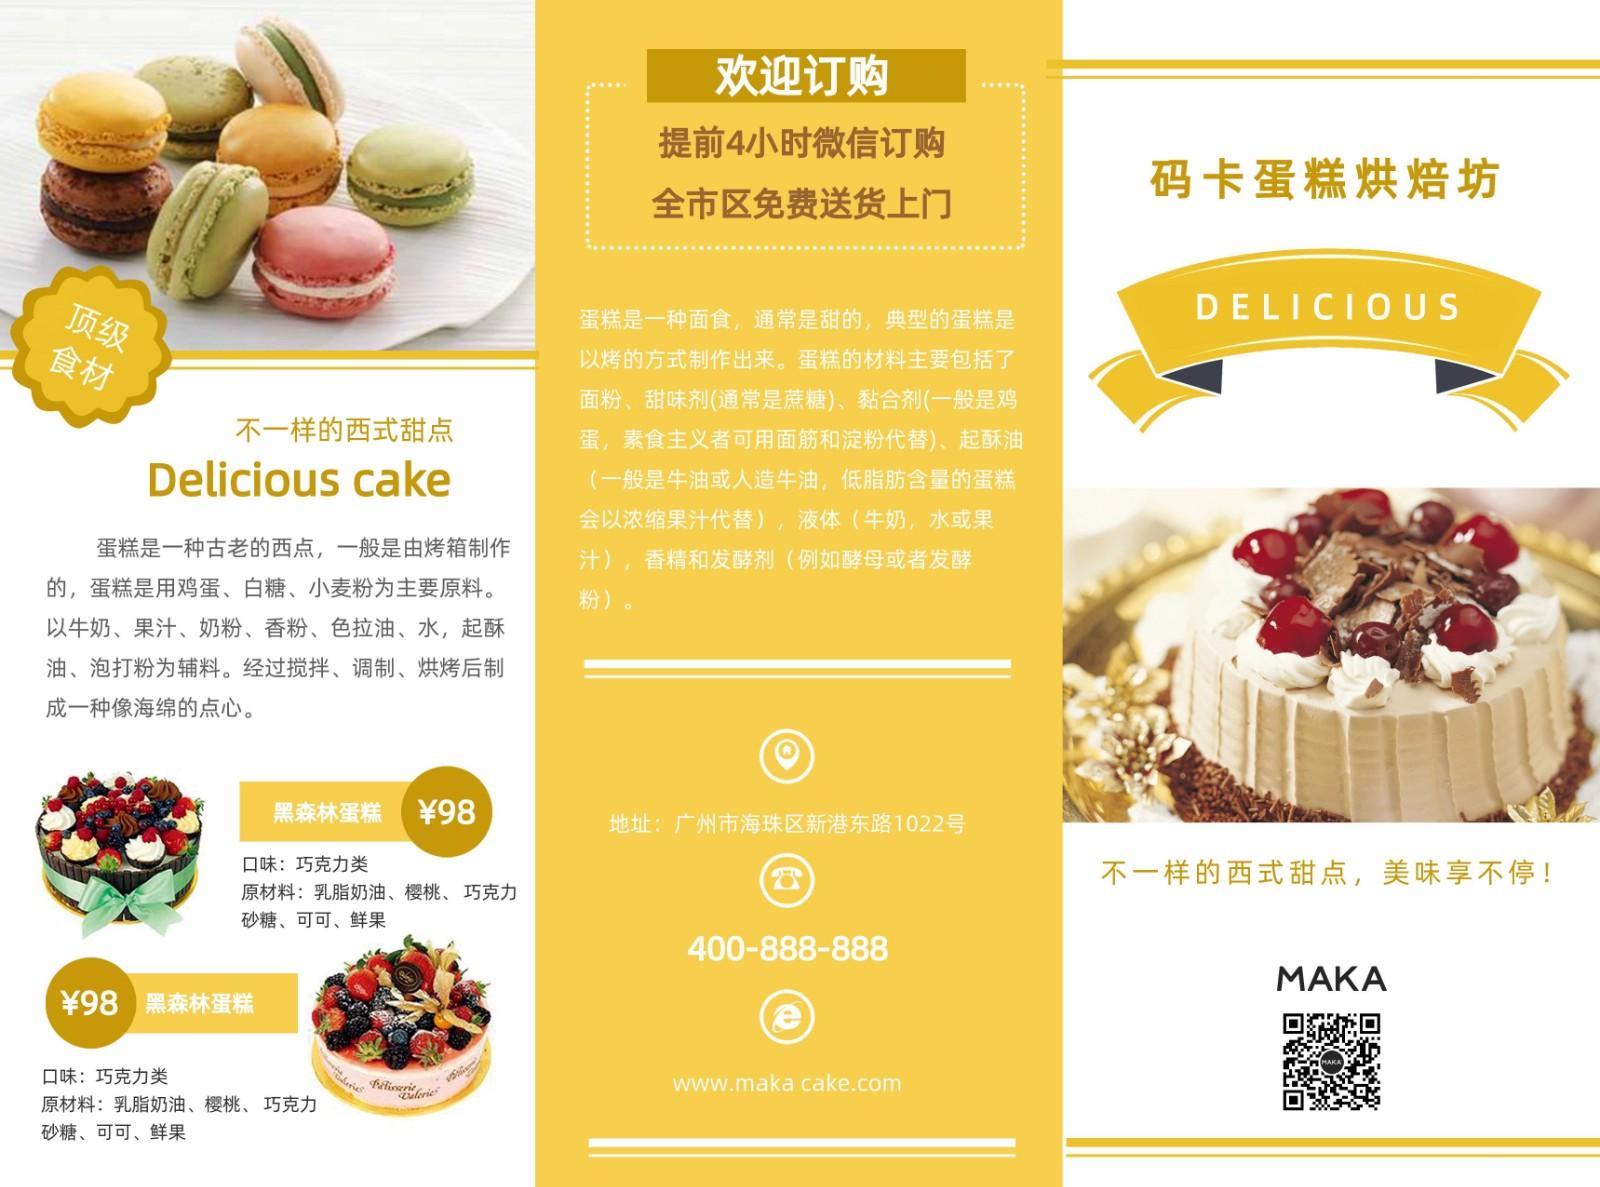 甜品美食折页设计作品分享 如何用美食折页增收